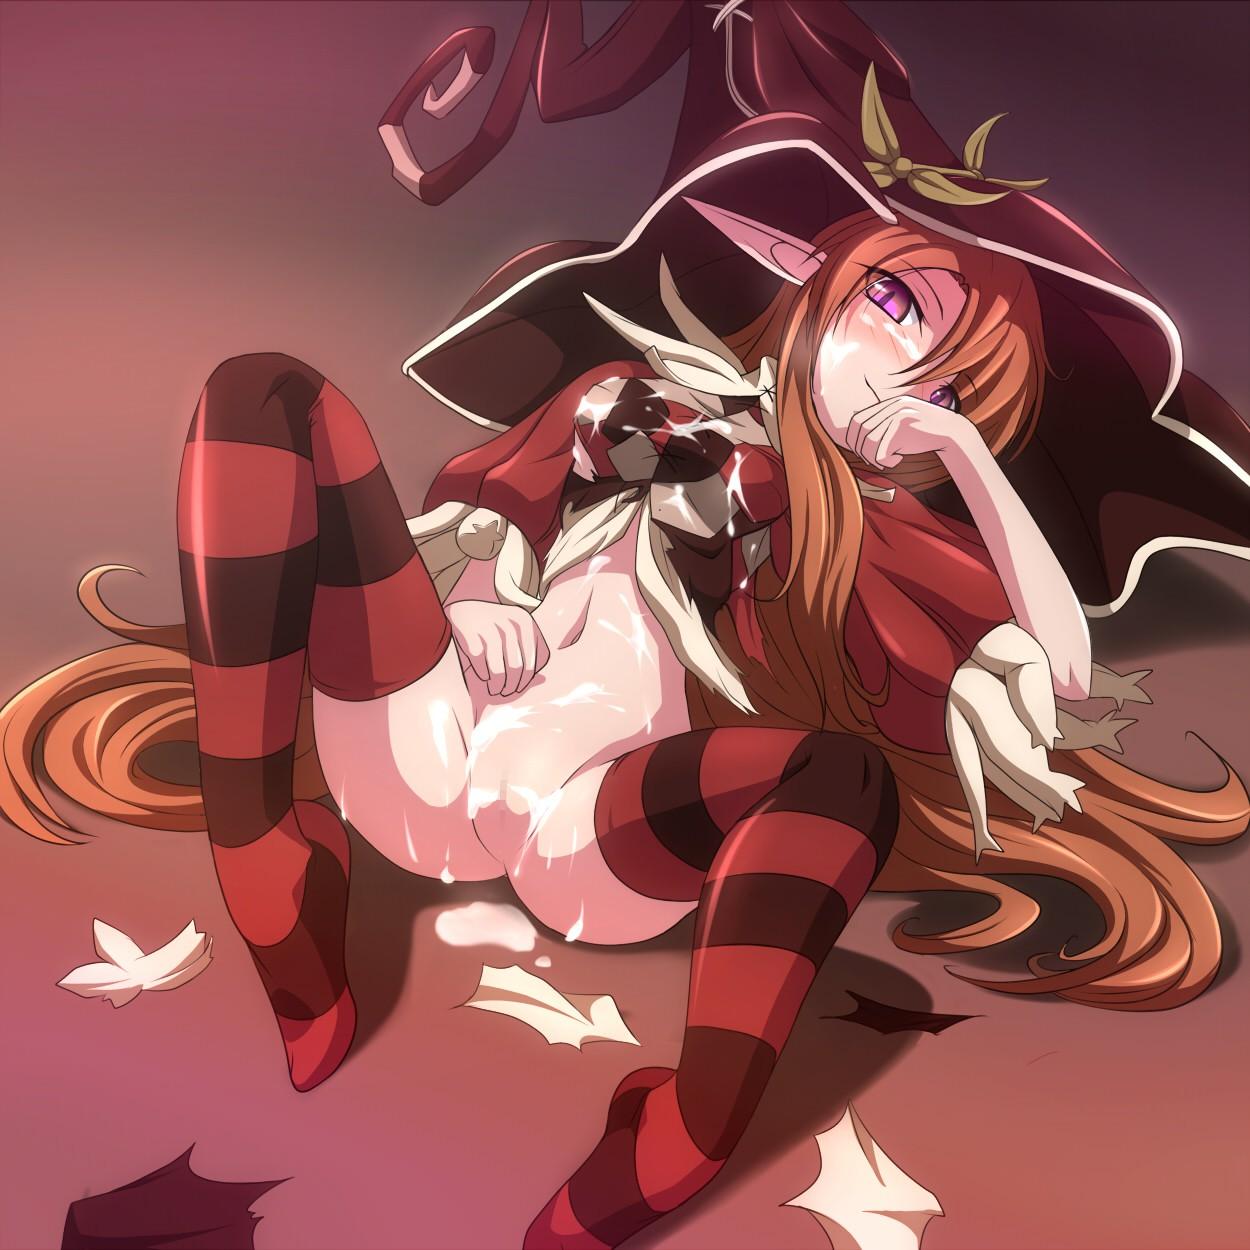 【2次】魔女っ娘のエロ画像【魔法使い】